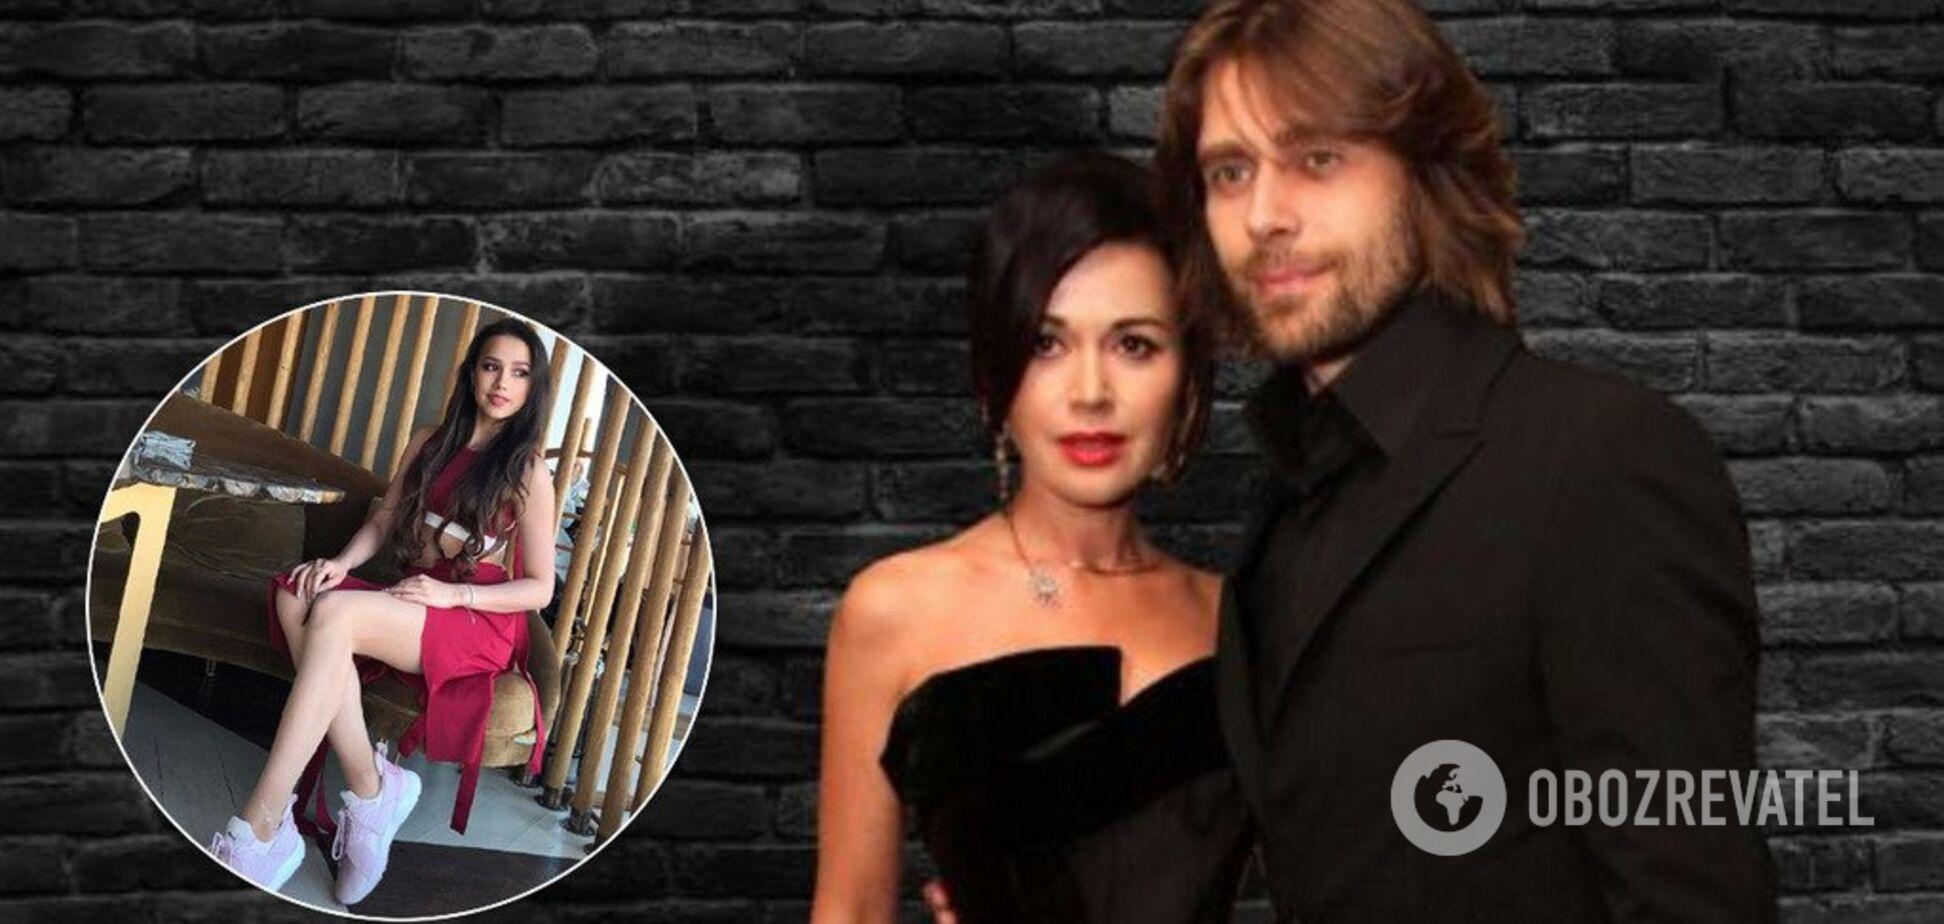 Младше на 31 год: муж Заворотнюк нашел новую звездную партнершу